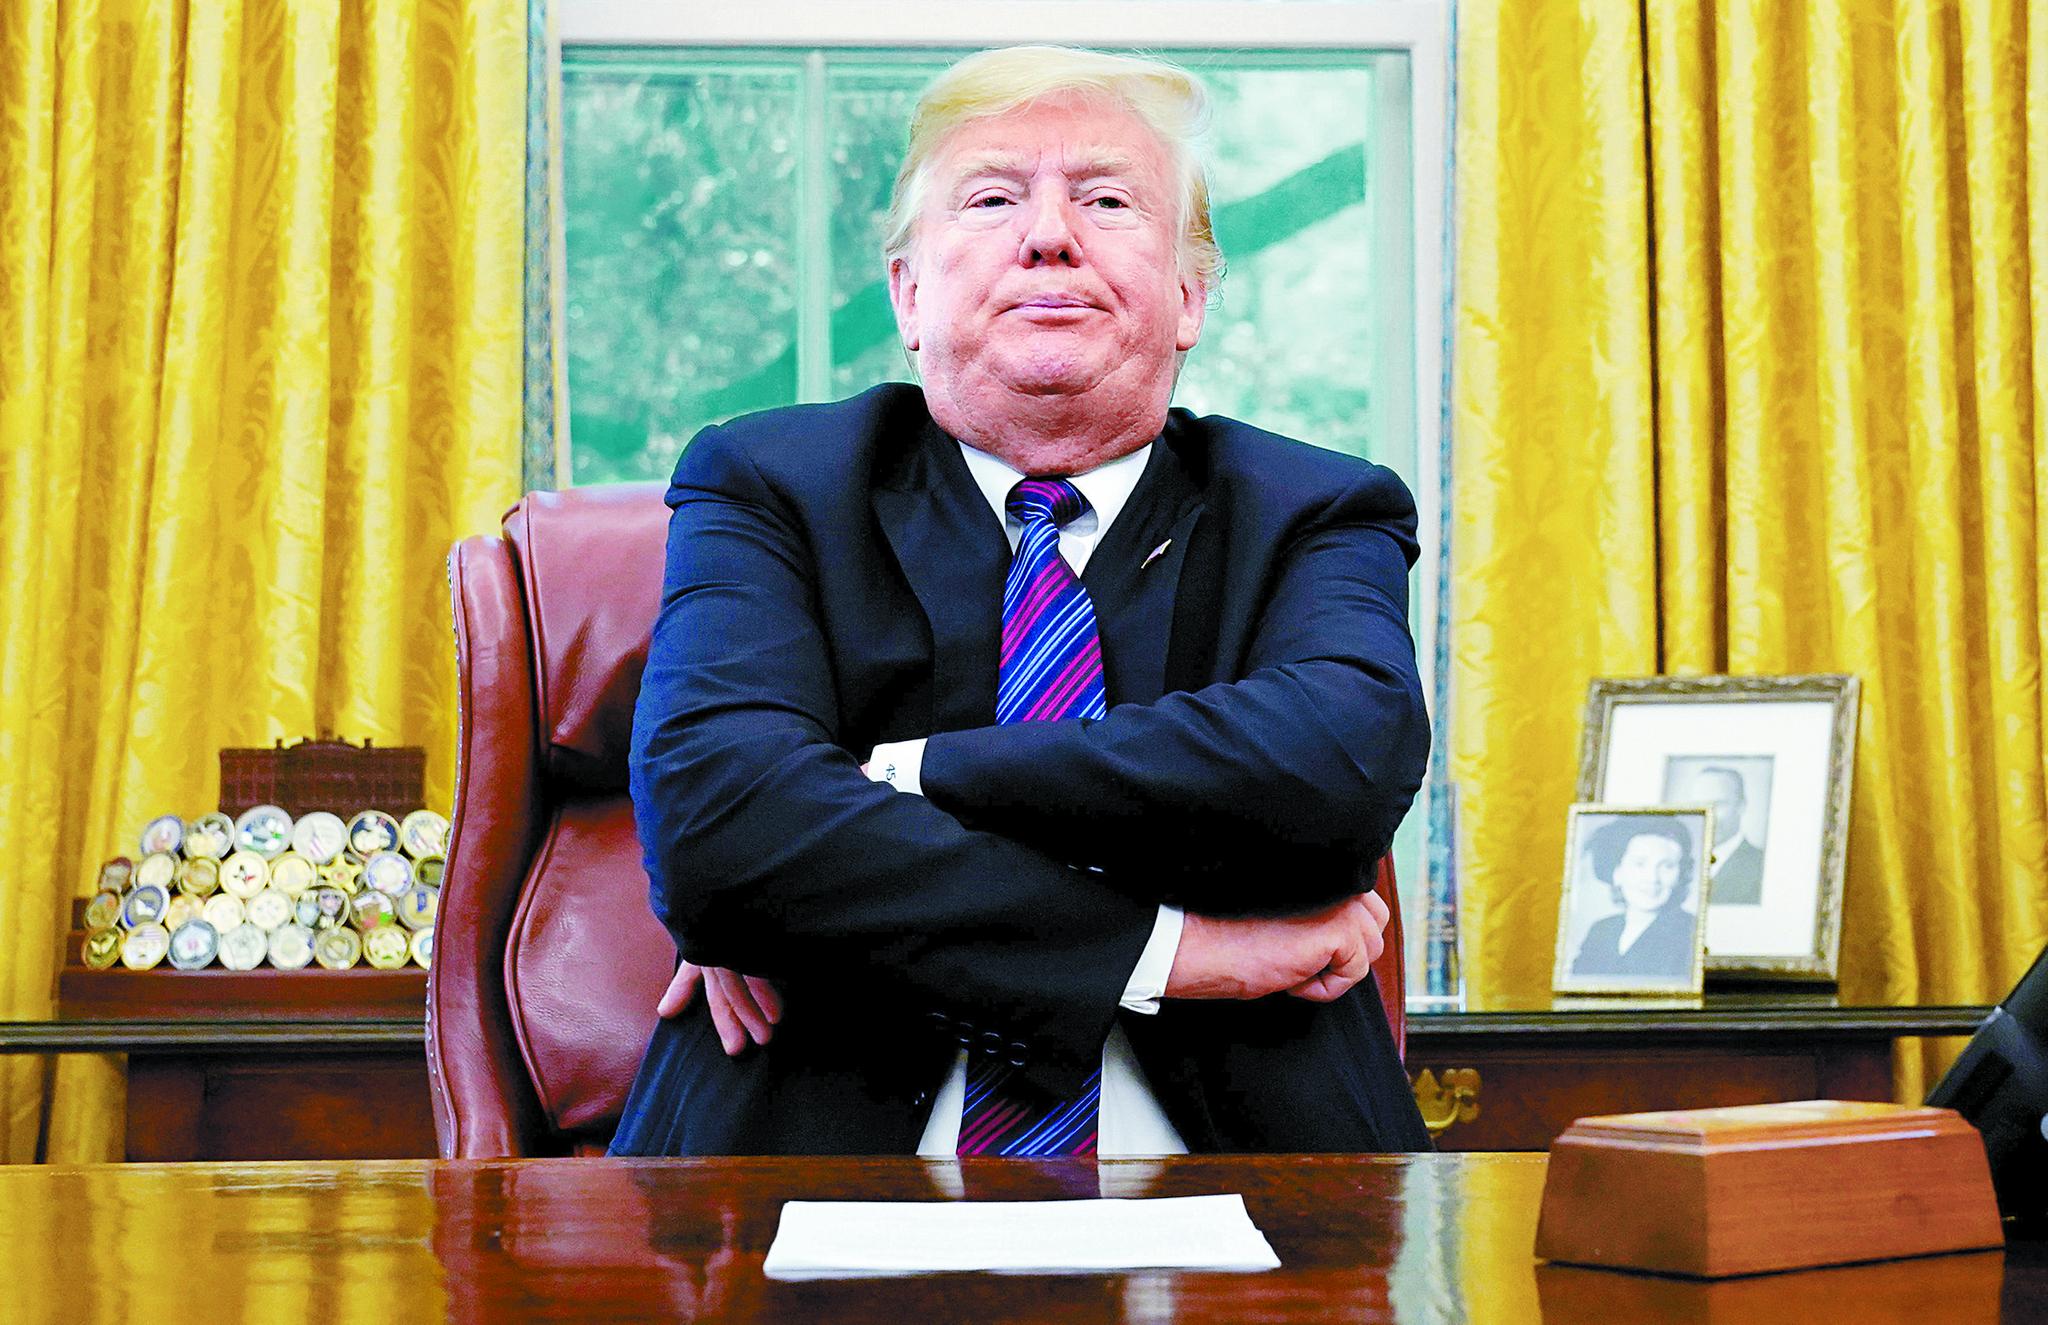 27일(현지시간) 백악관 집무실에서 멕시코와의 북미 자유무역협정(NAFTA) 재협상 타결 소식을 알린 도널드 트럼프 미국 대통령. [로이터=연합뉴스]